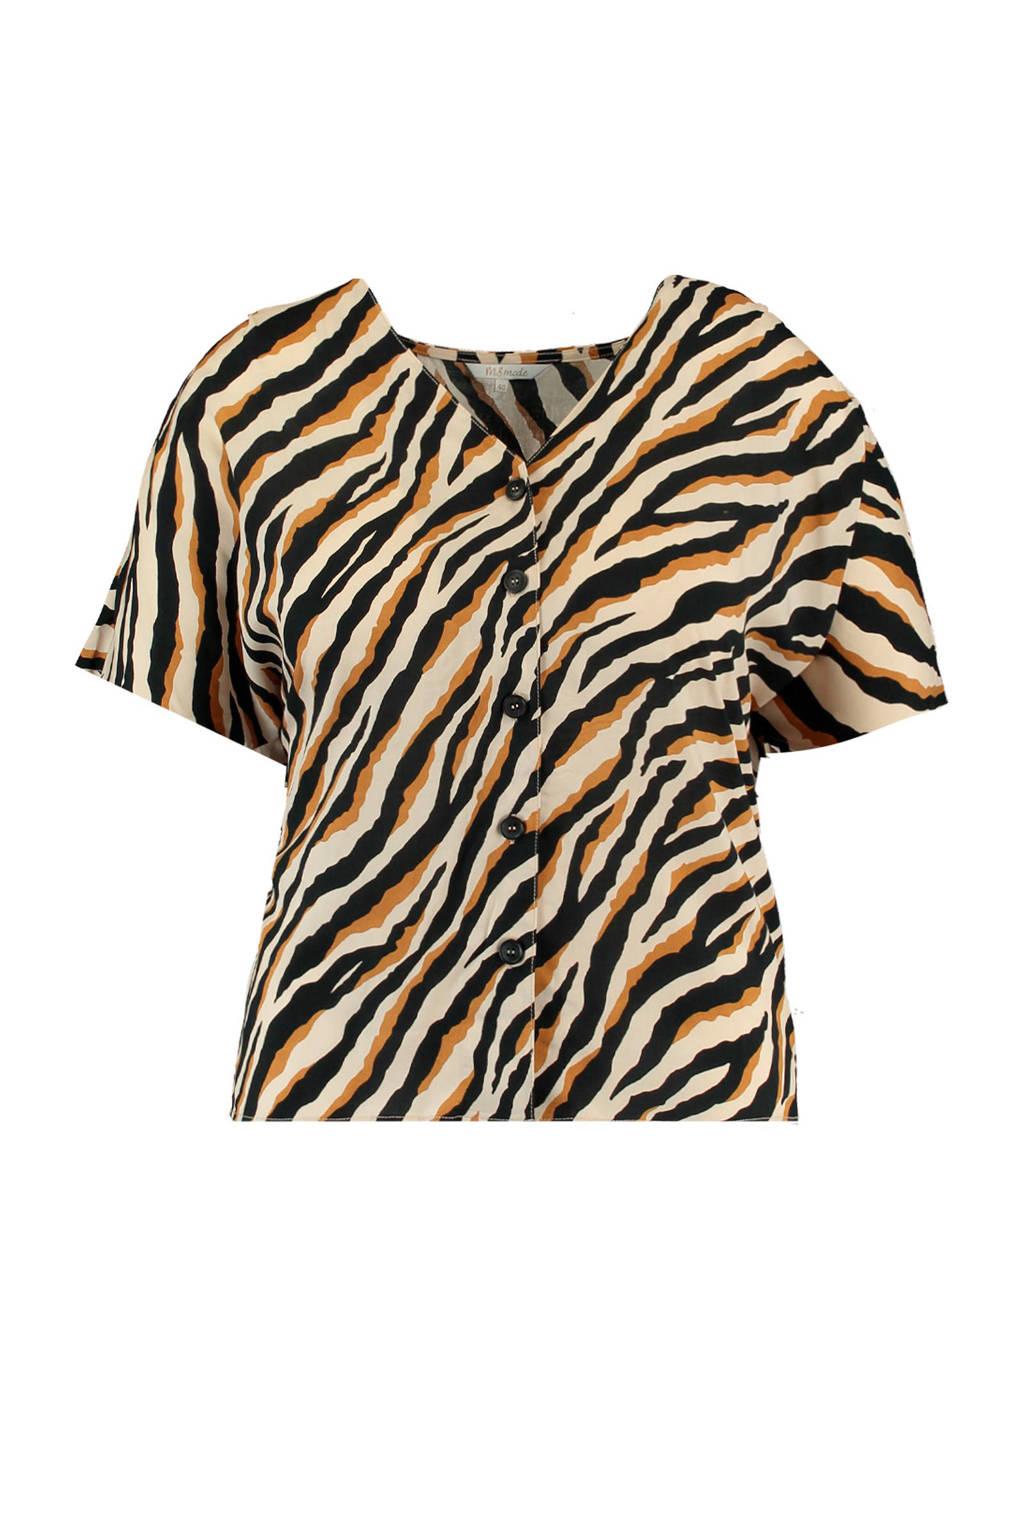 MS Mode blouse met zebraprint beige/zwart, Beige/zwart